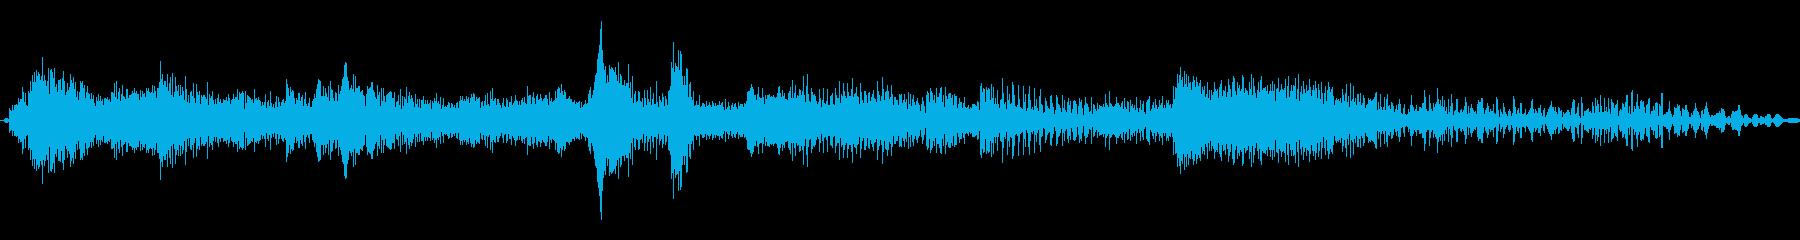 巻き戻し4の再生済みの波形